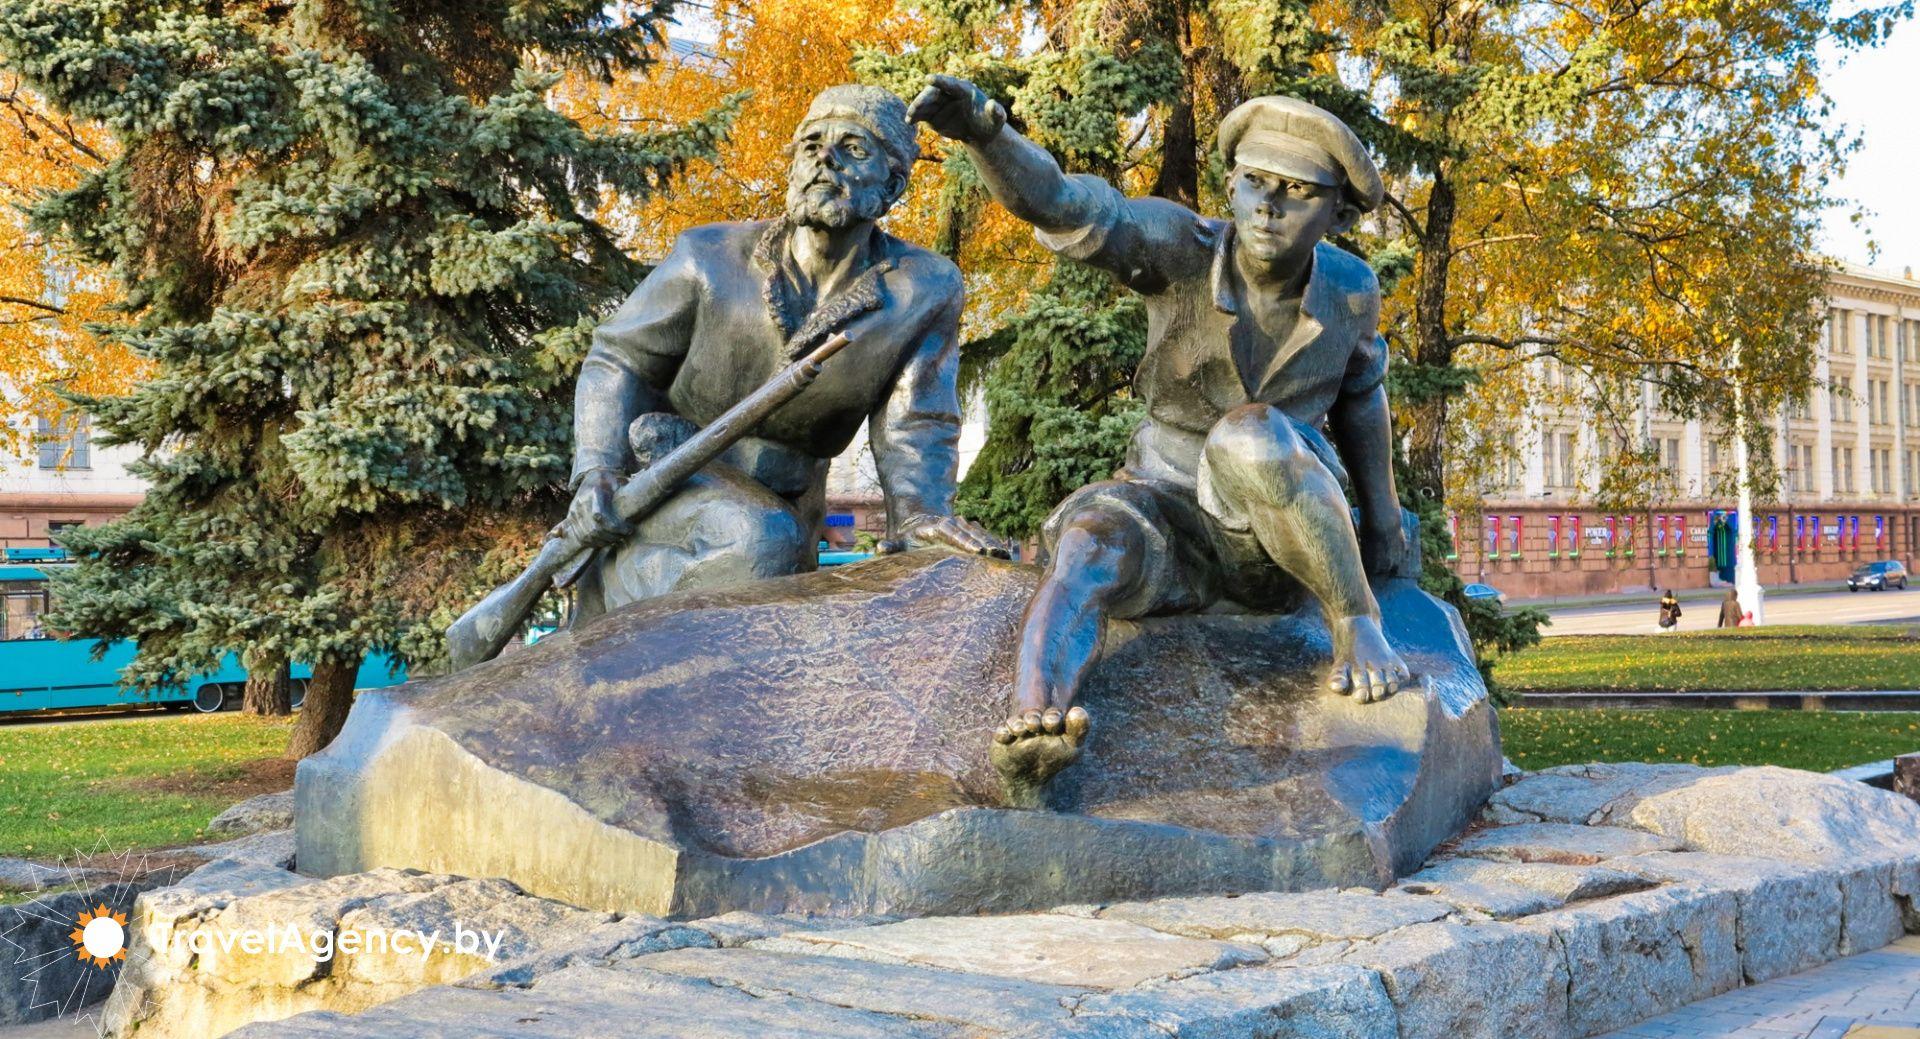 кондитерское изделие памятники минска фото и описание нашей